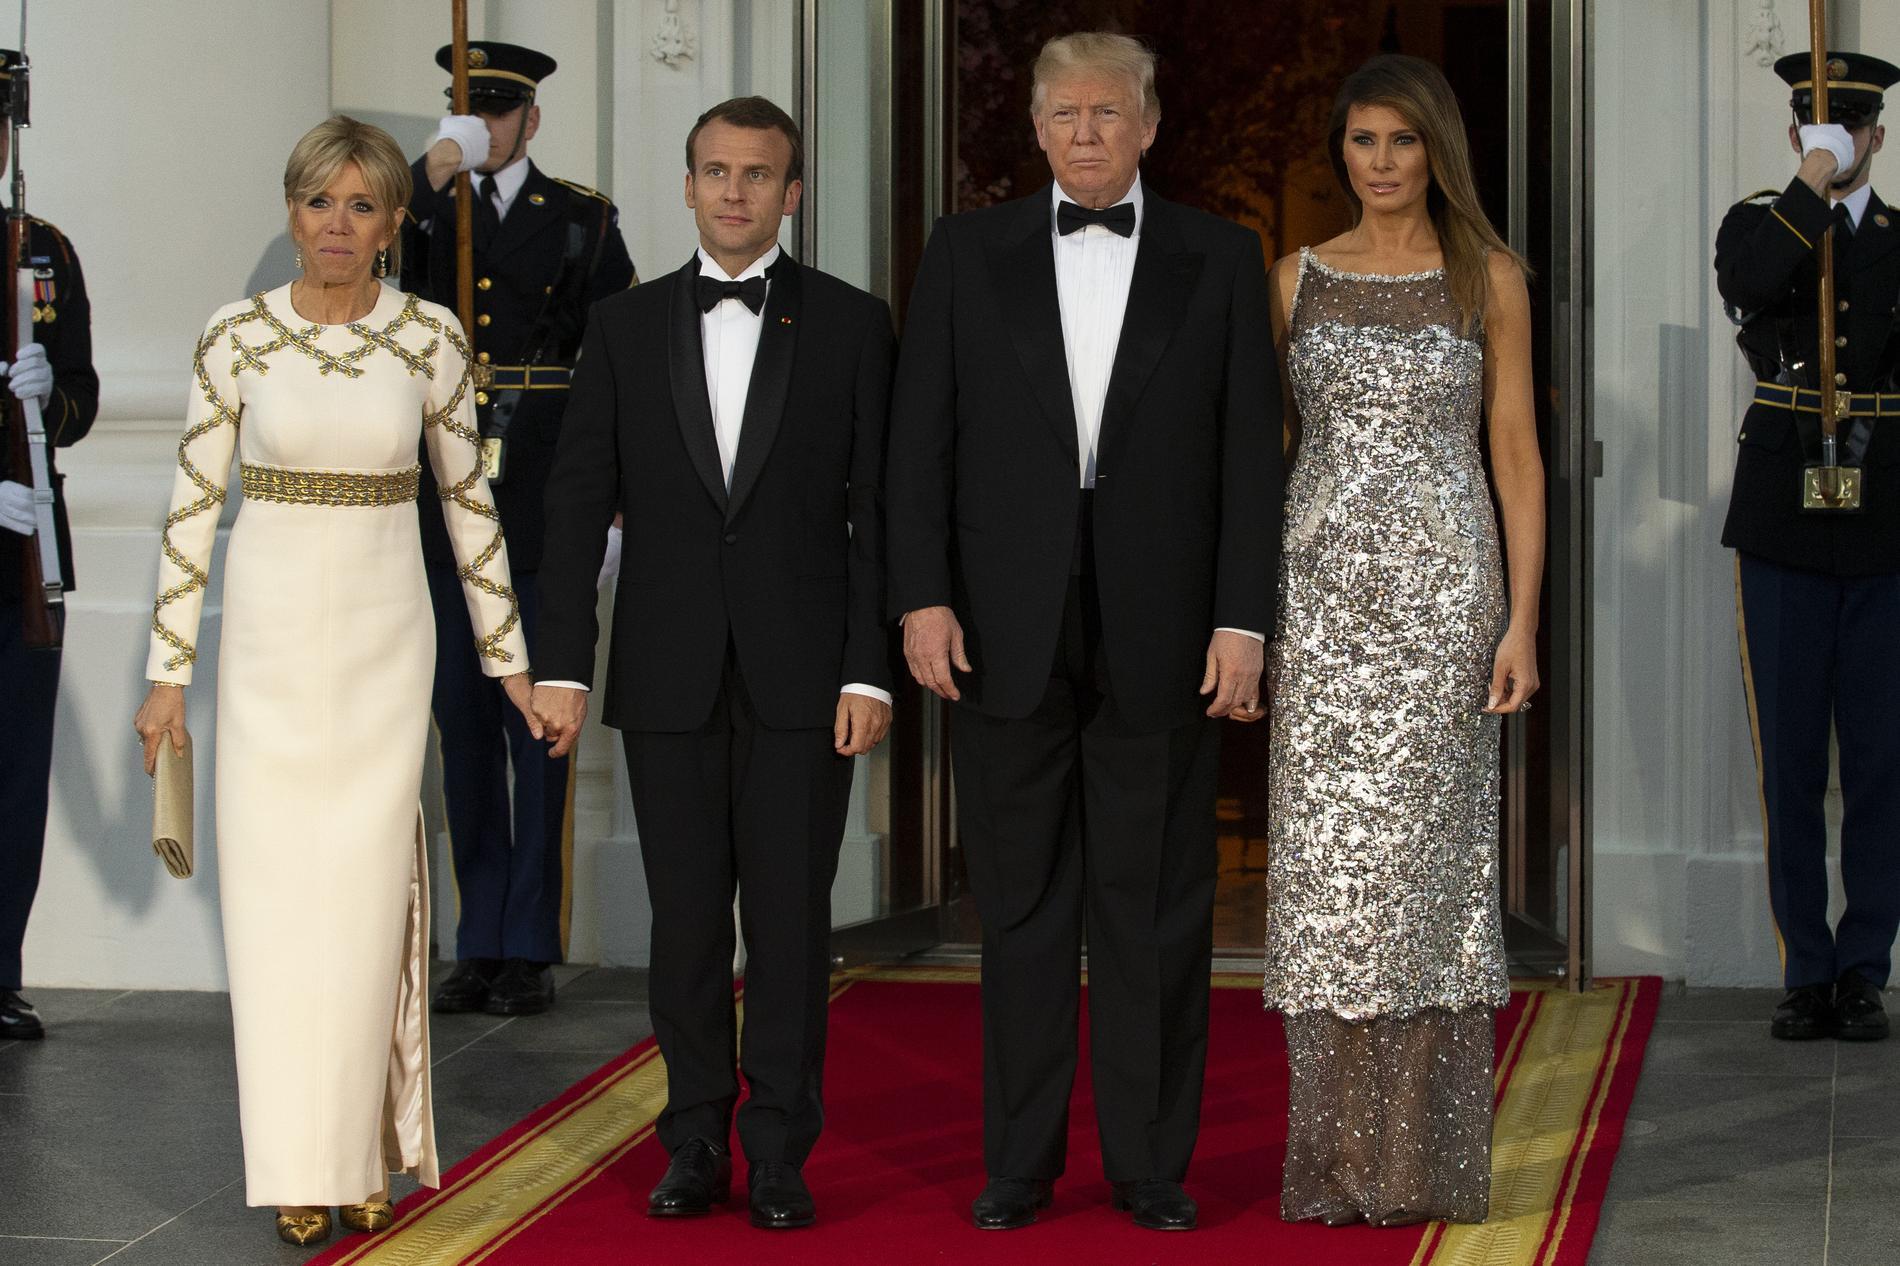 Maison blanche le match mode de brigitte macron et melania trump les couples présidentiels au dîner détat